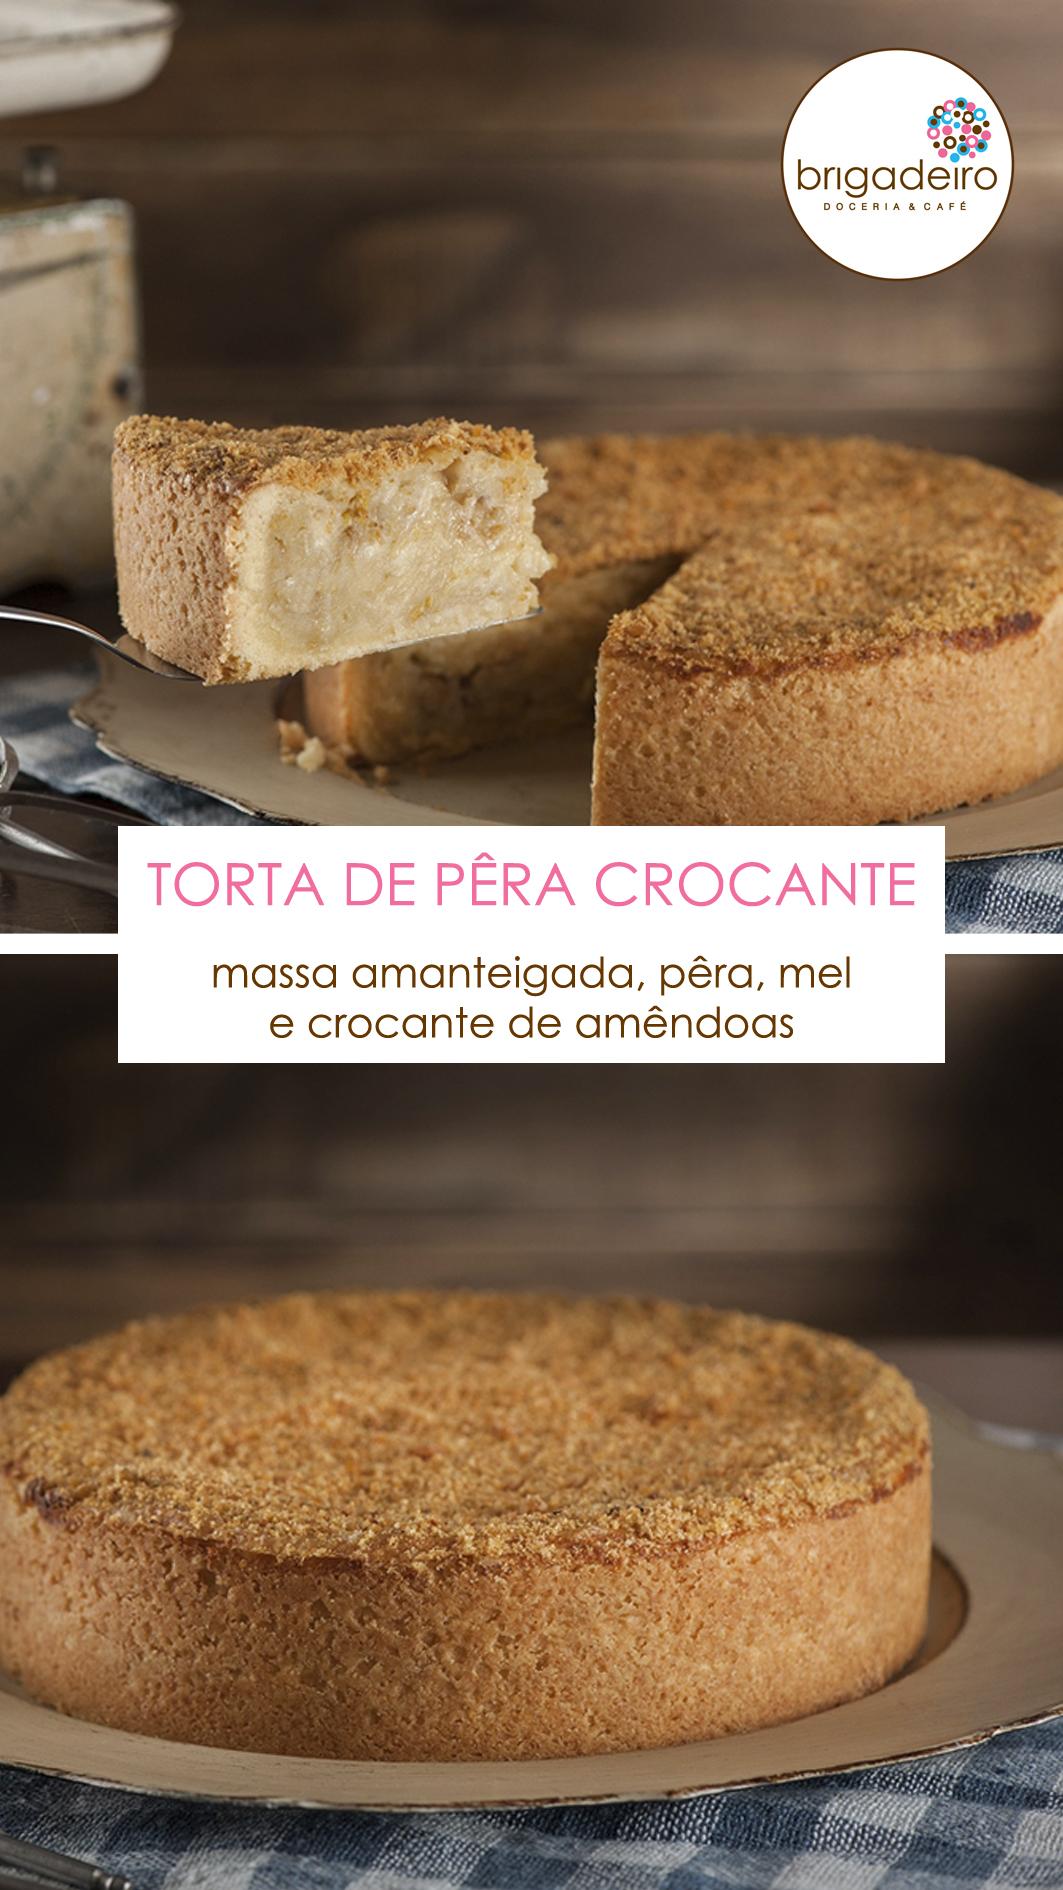 12_-_TORTA_DE_PÊRA_CROCANTE